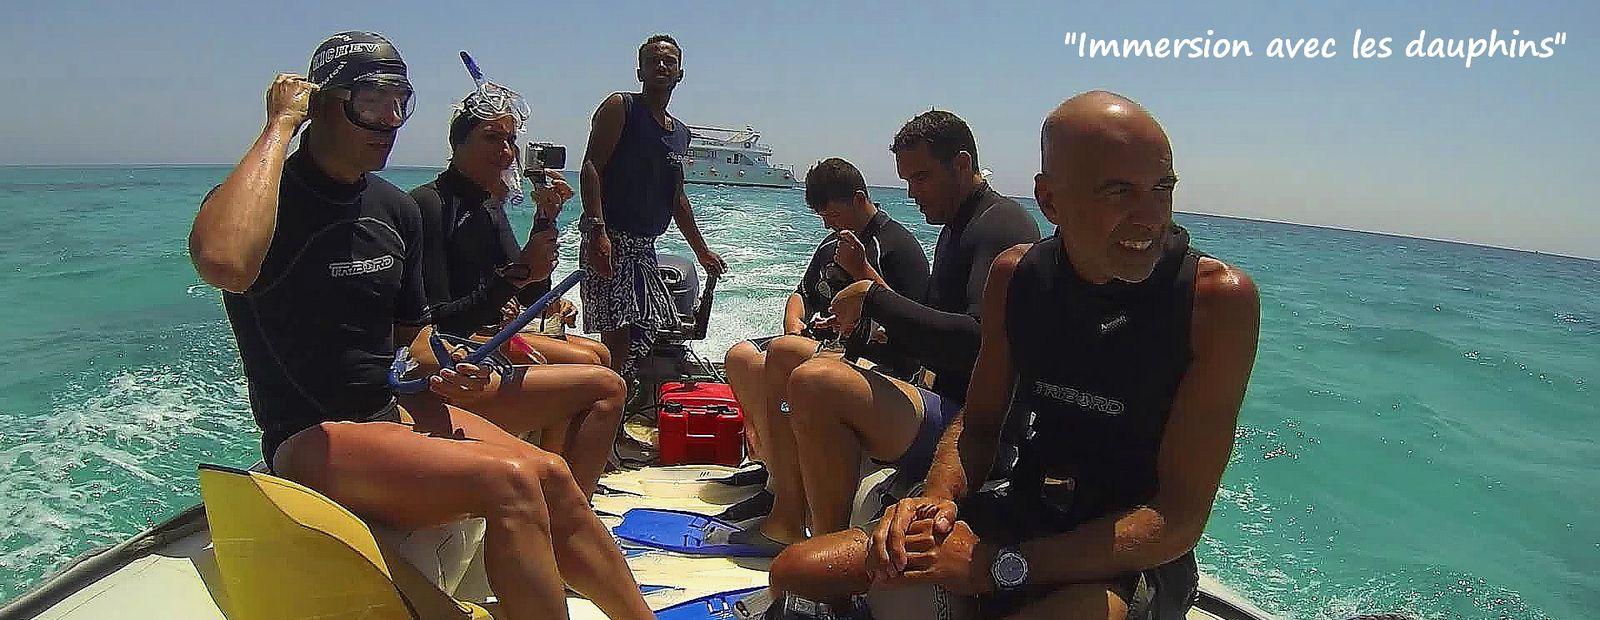 Théo, Florence, Romain, Grégory et Eric dans un endroit protégé et peu fréquenté par les bateaux.